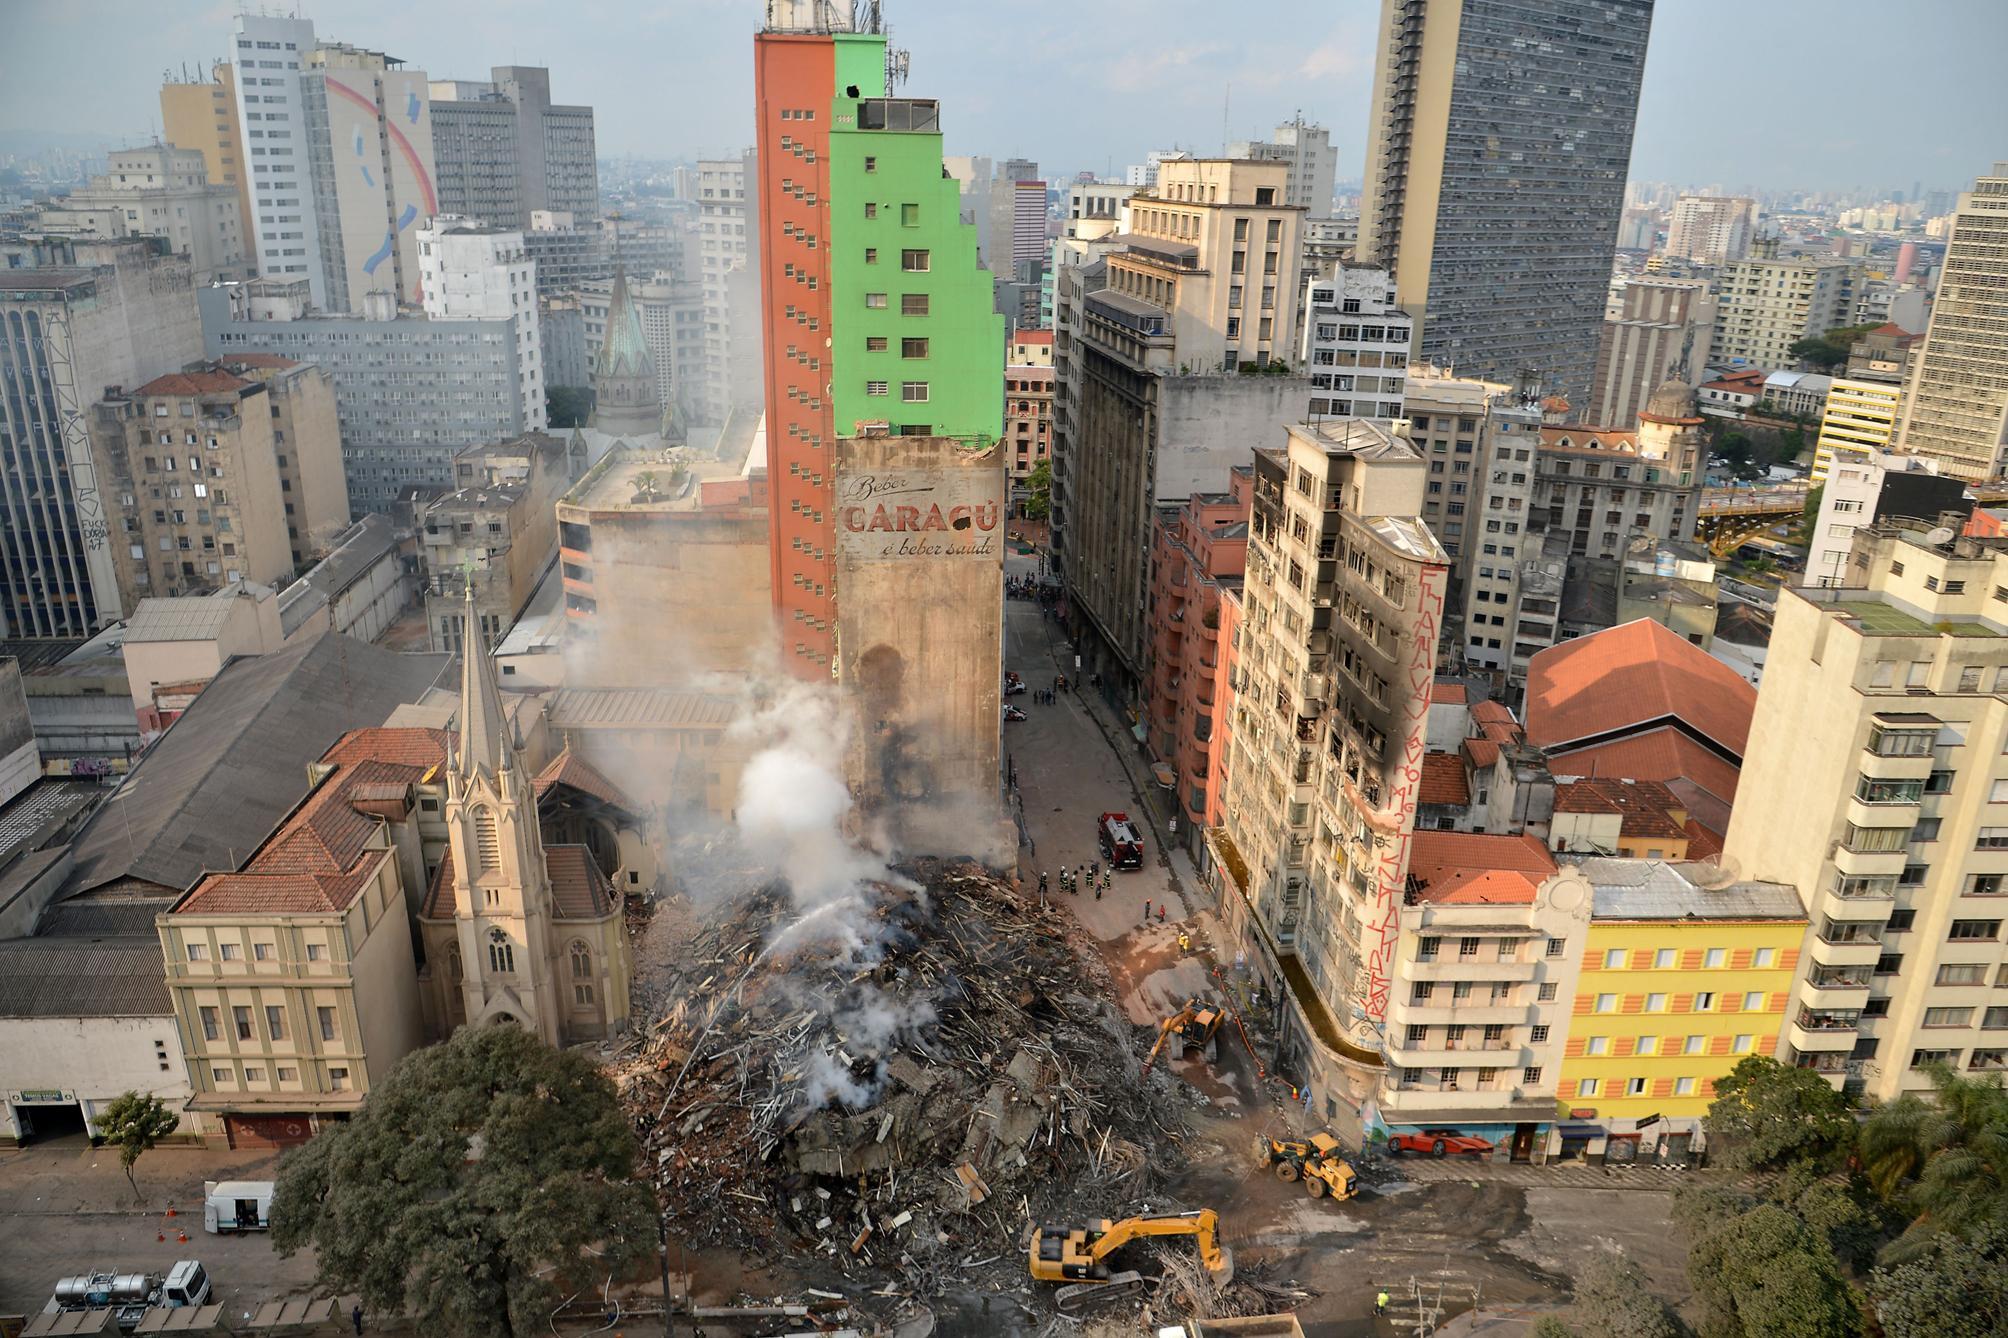 Habitação - geral - desabamento incêndio prédio centro de São Paulo sem-teto